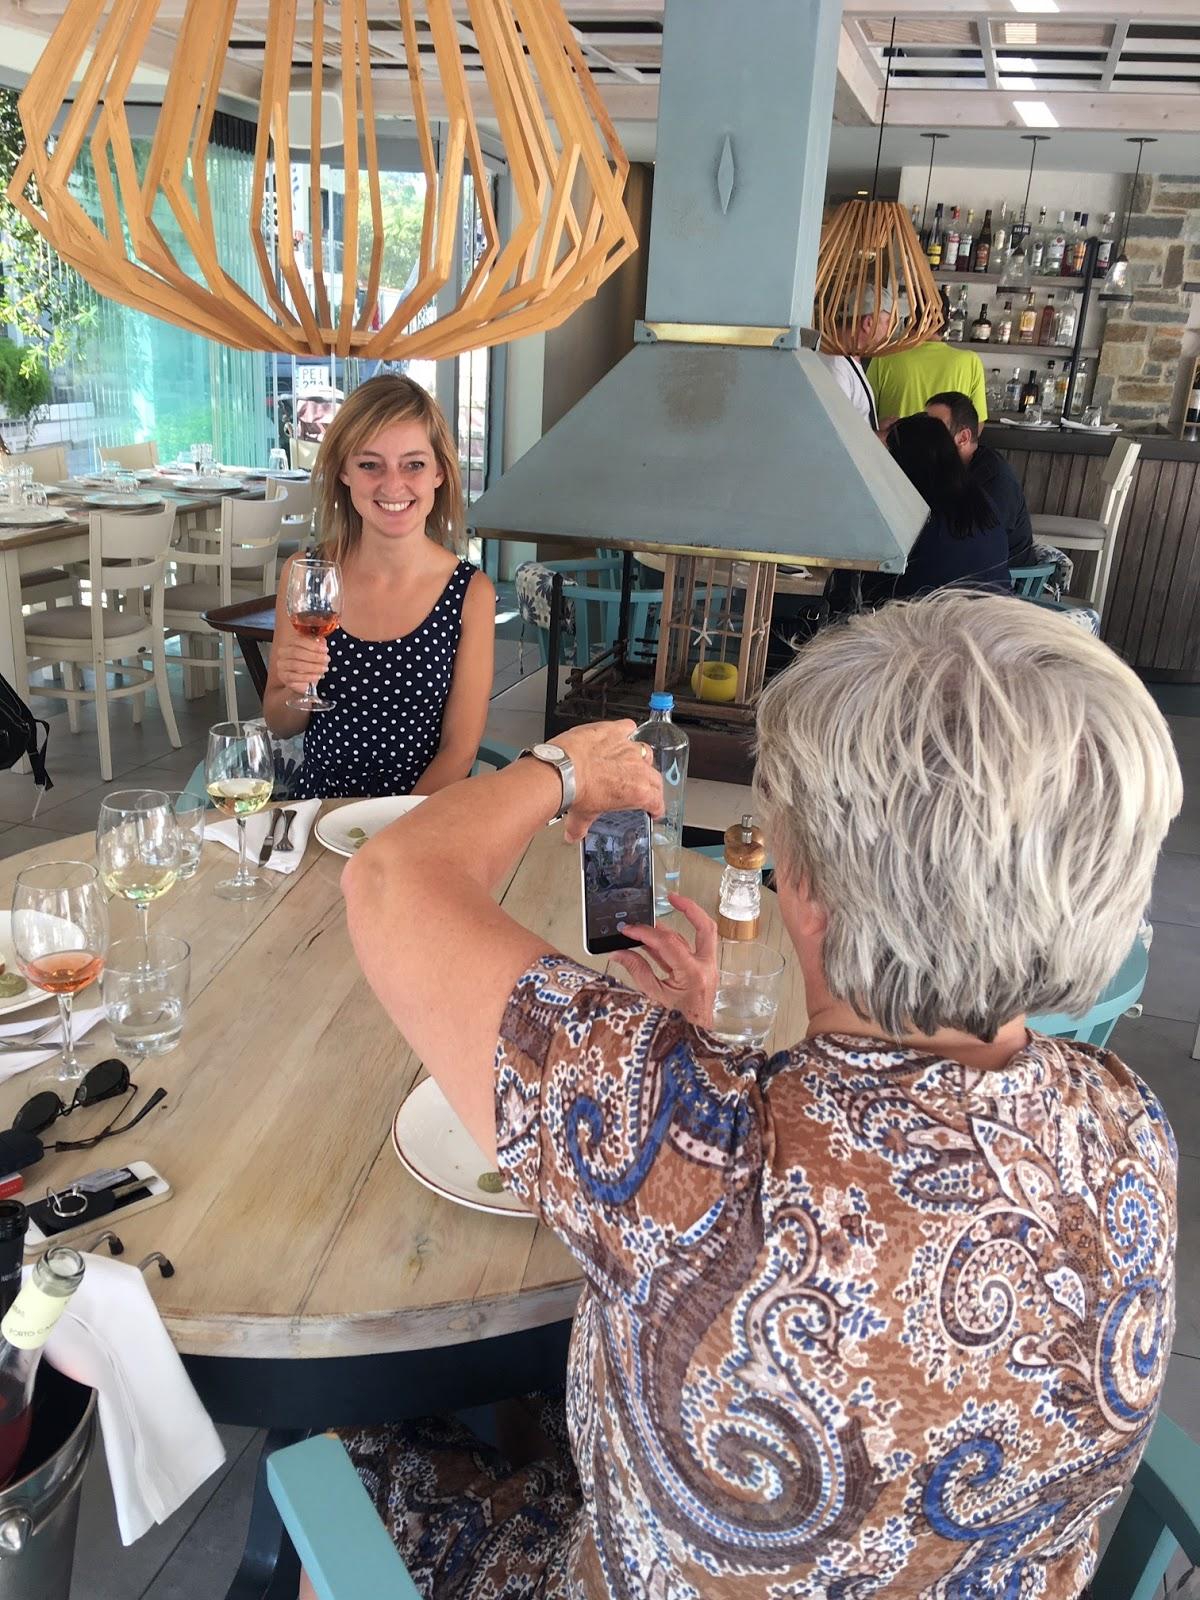 Υγιεινή διατροφή και τοπικά προϊόντα της προ Άθω περιοχής στο επίκεντρο του press trip της Ολλανδής Blogger στη Χαλκιδική